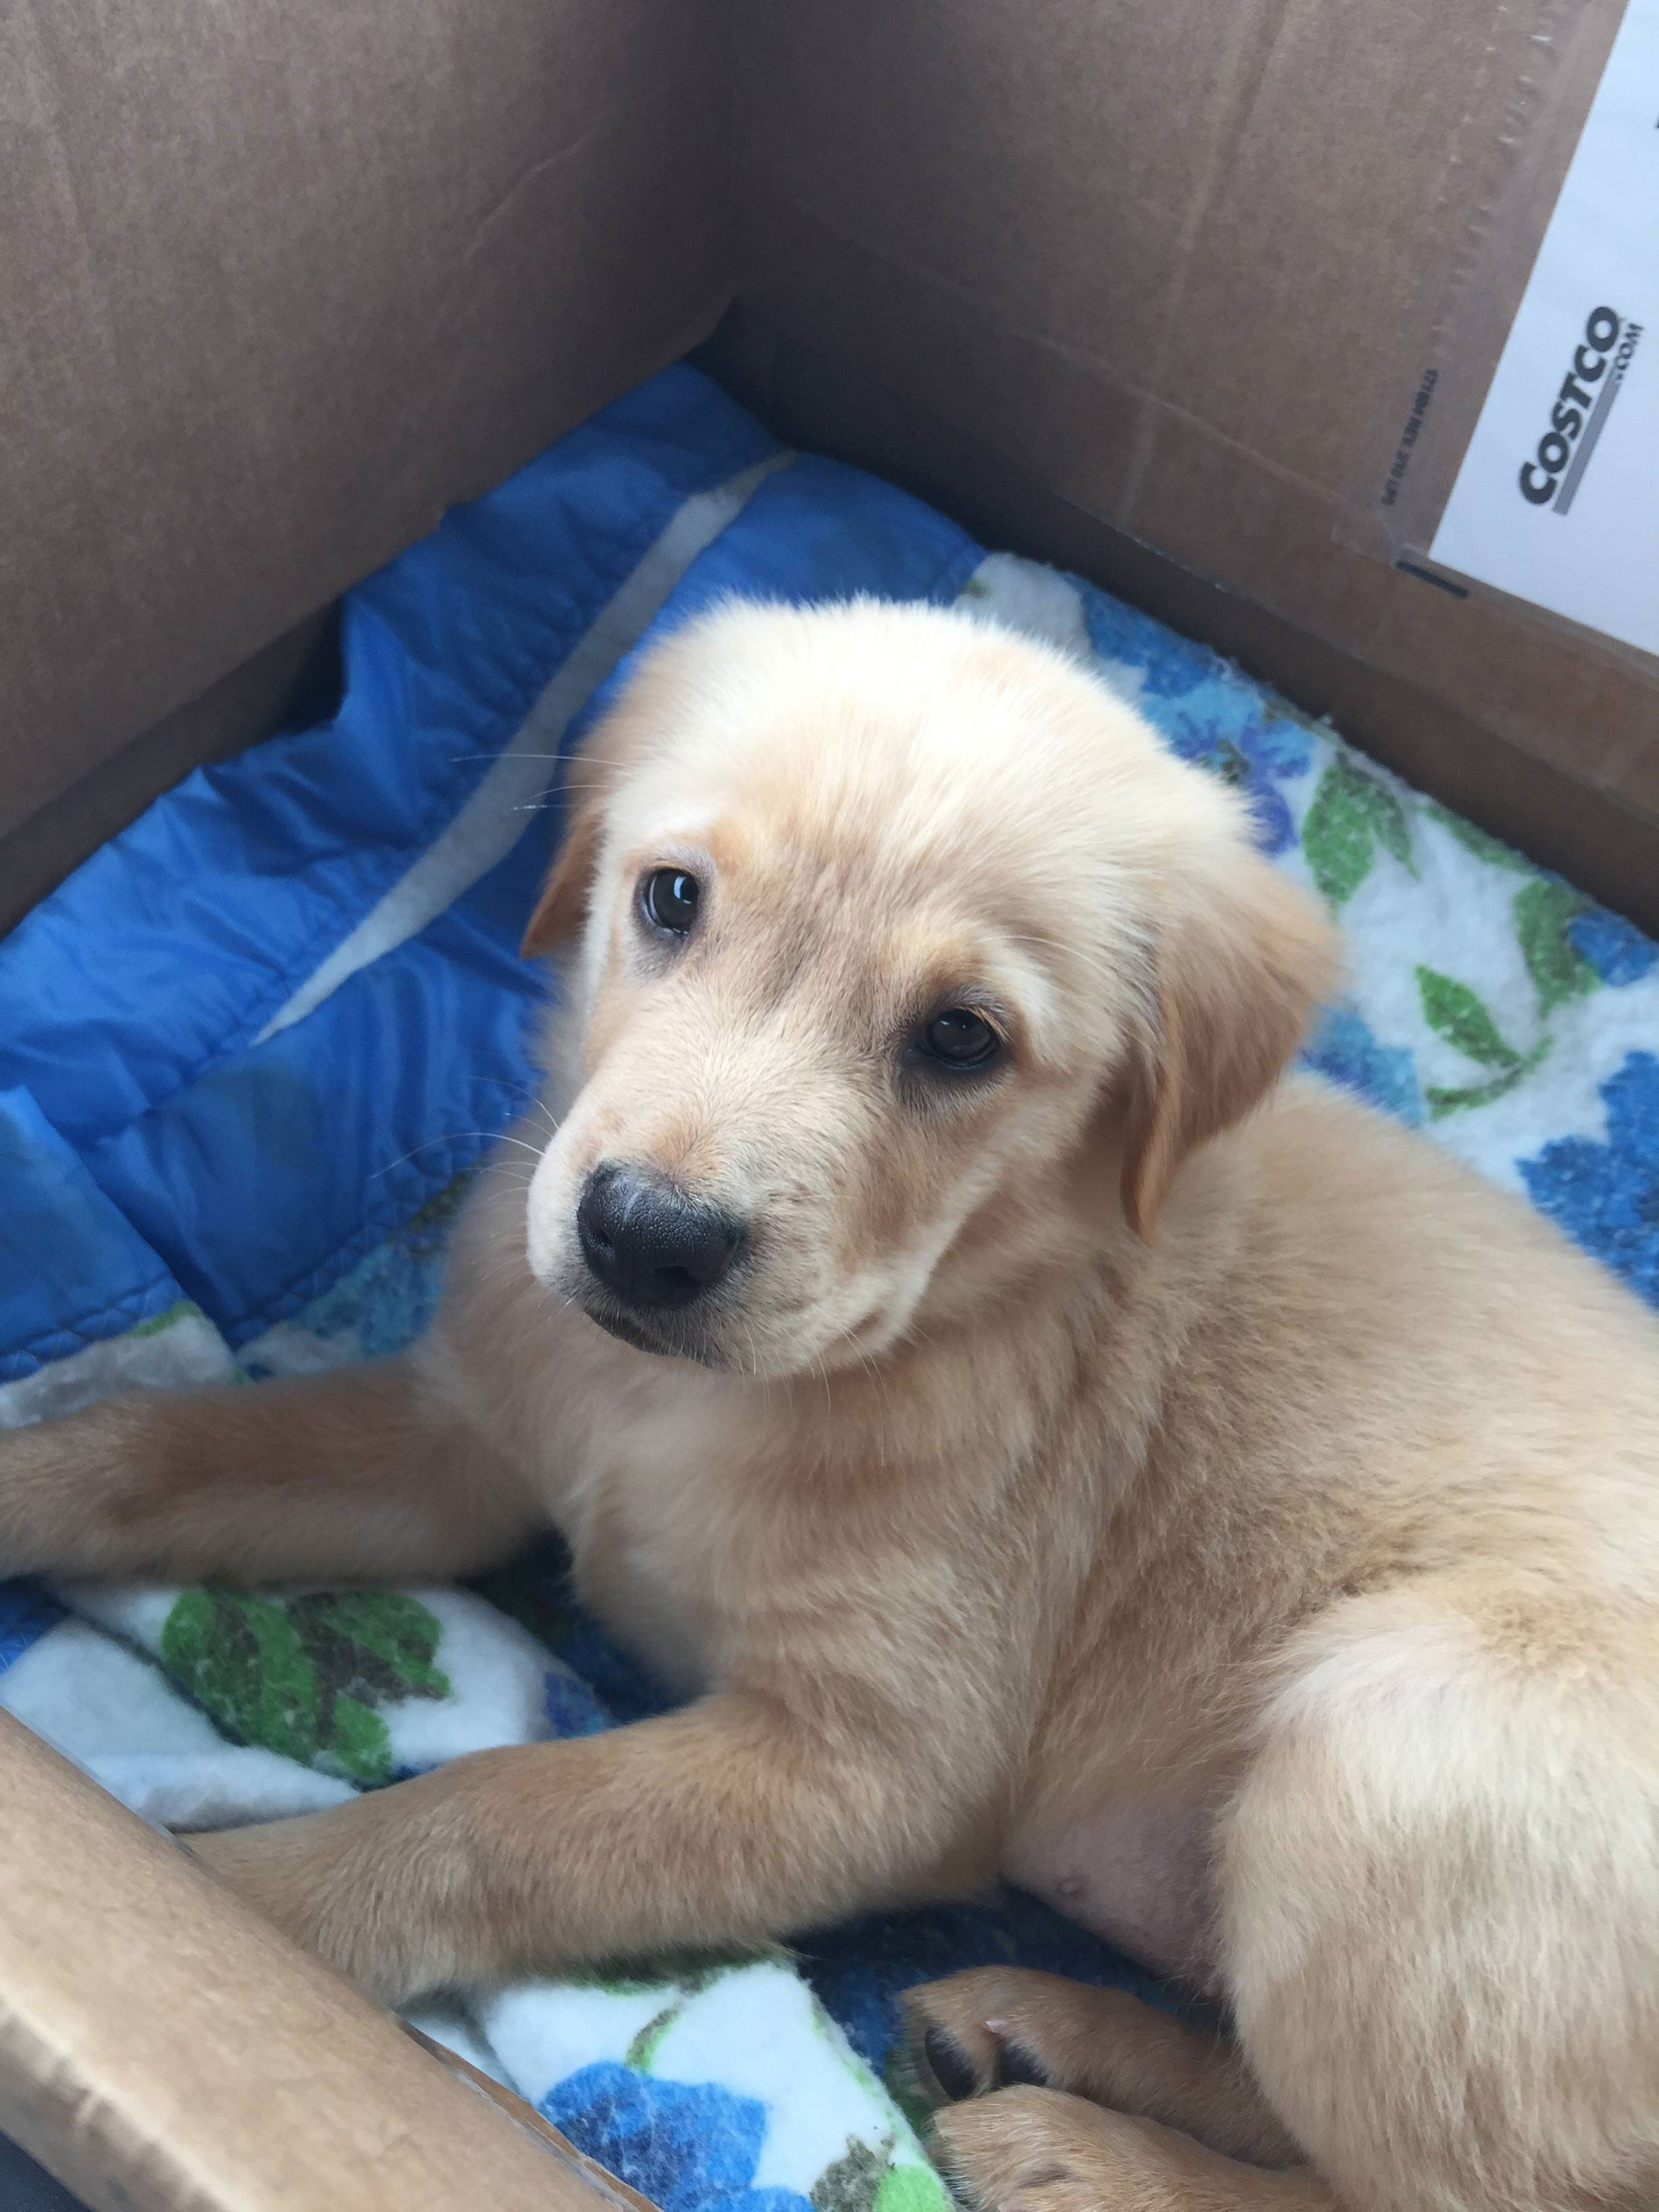 Meet Murphy the cutest puppy ever